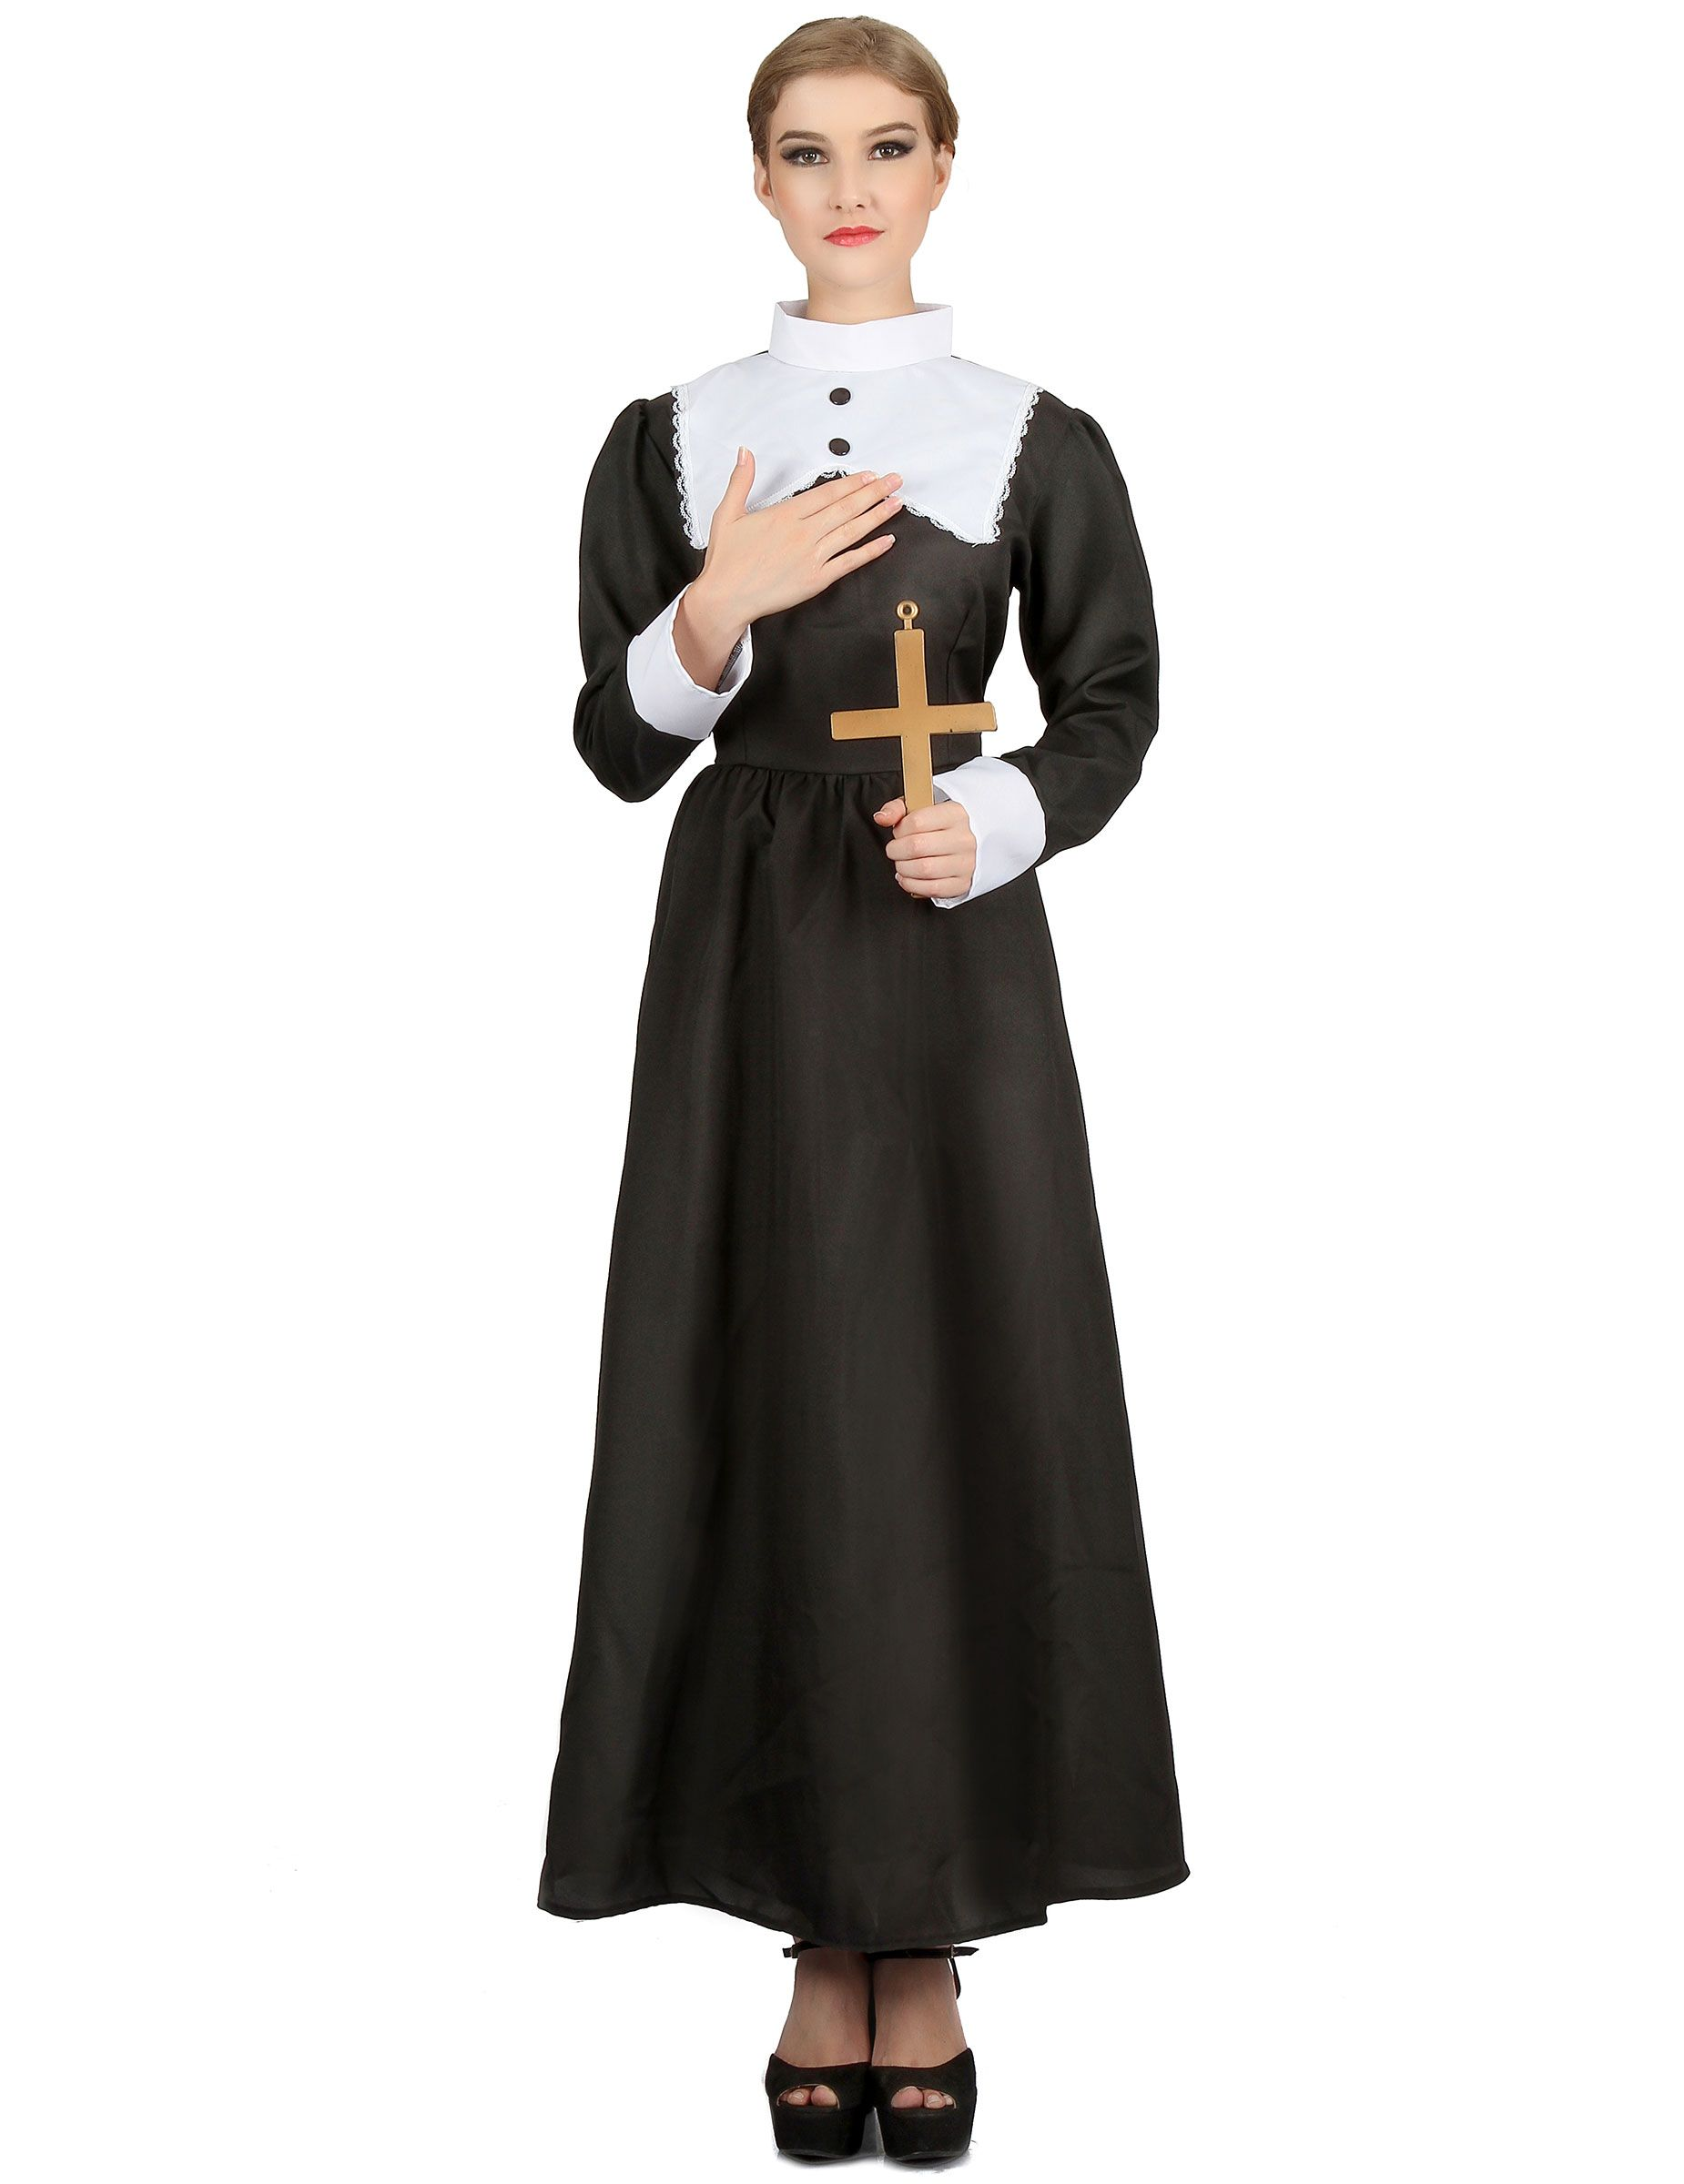 Costume da Suora per donna  Questo travestimento da suora per donna é  composto da un f4a6bb9cc133